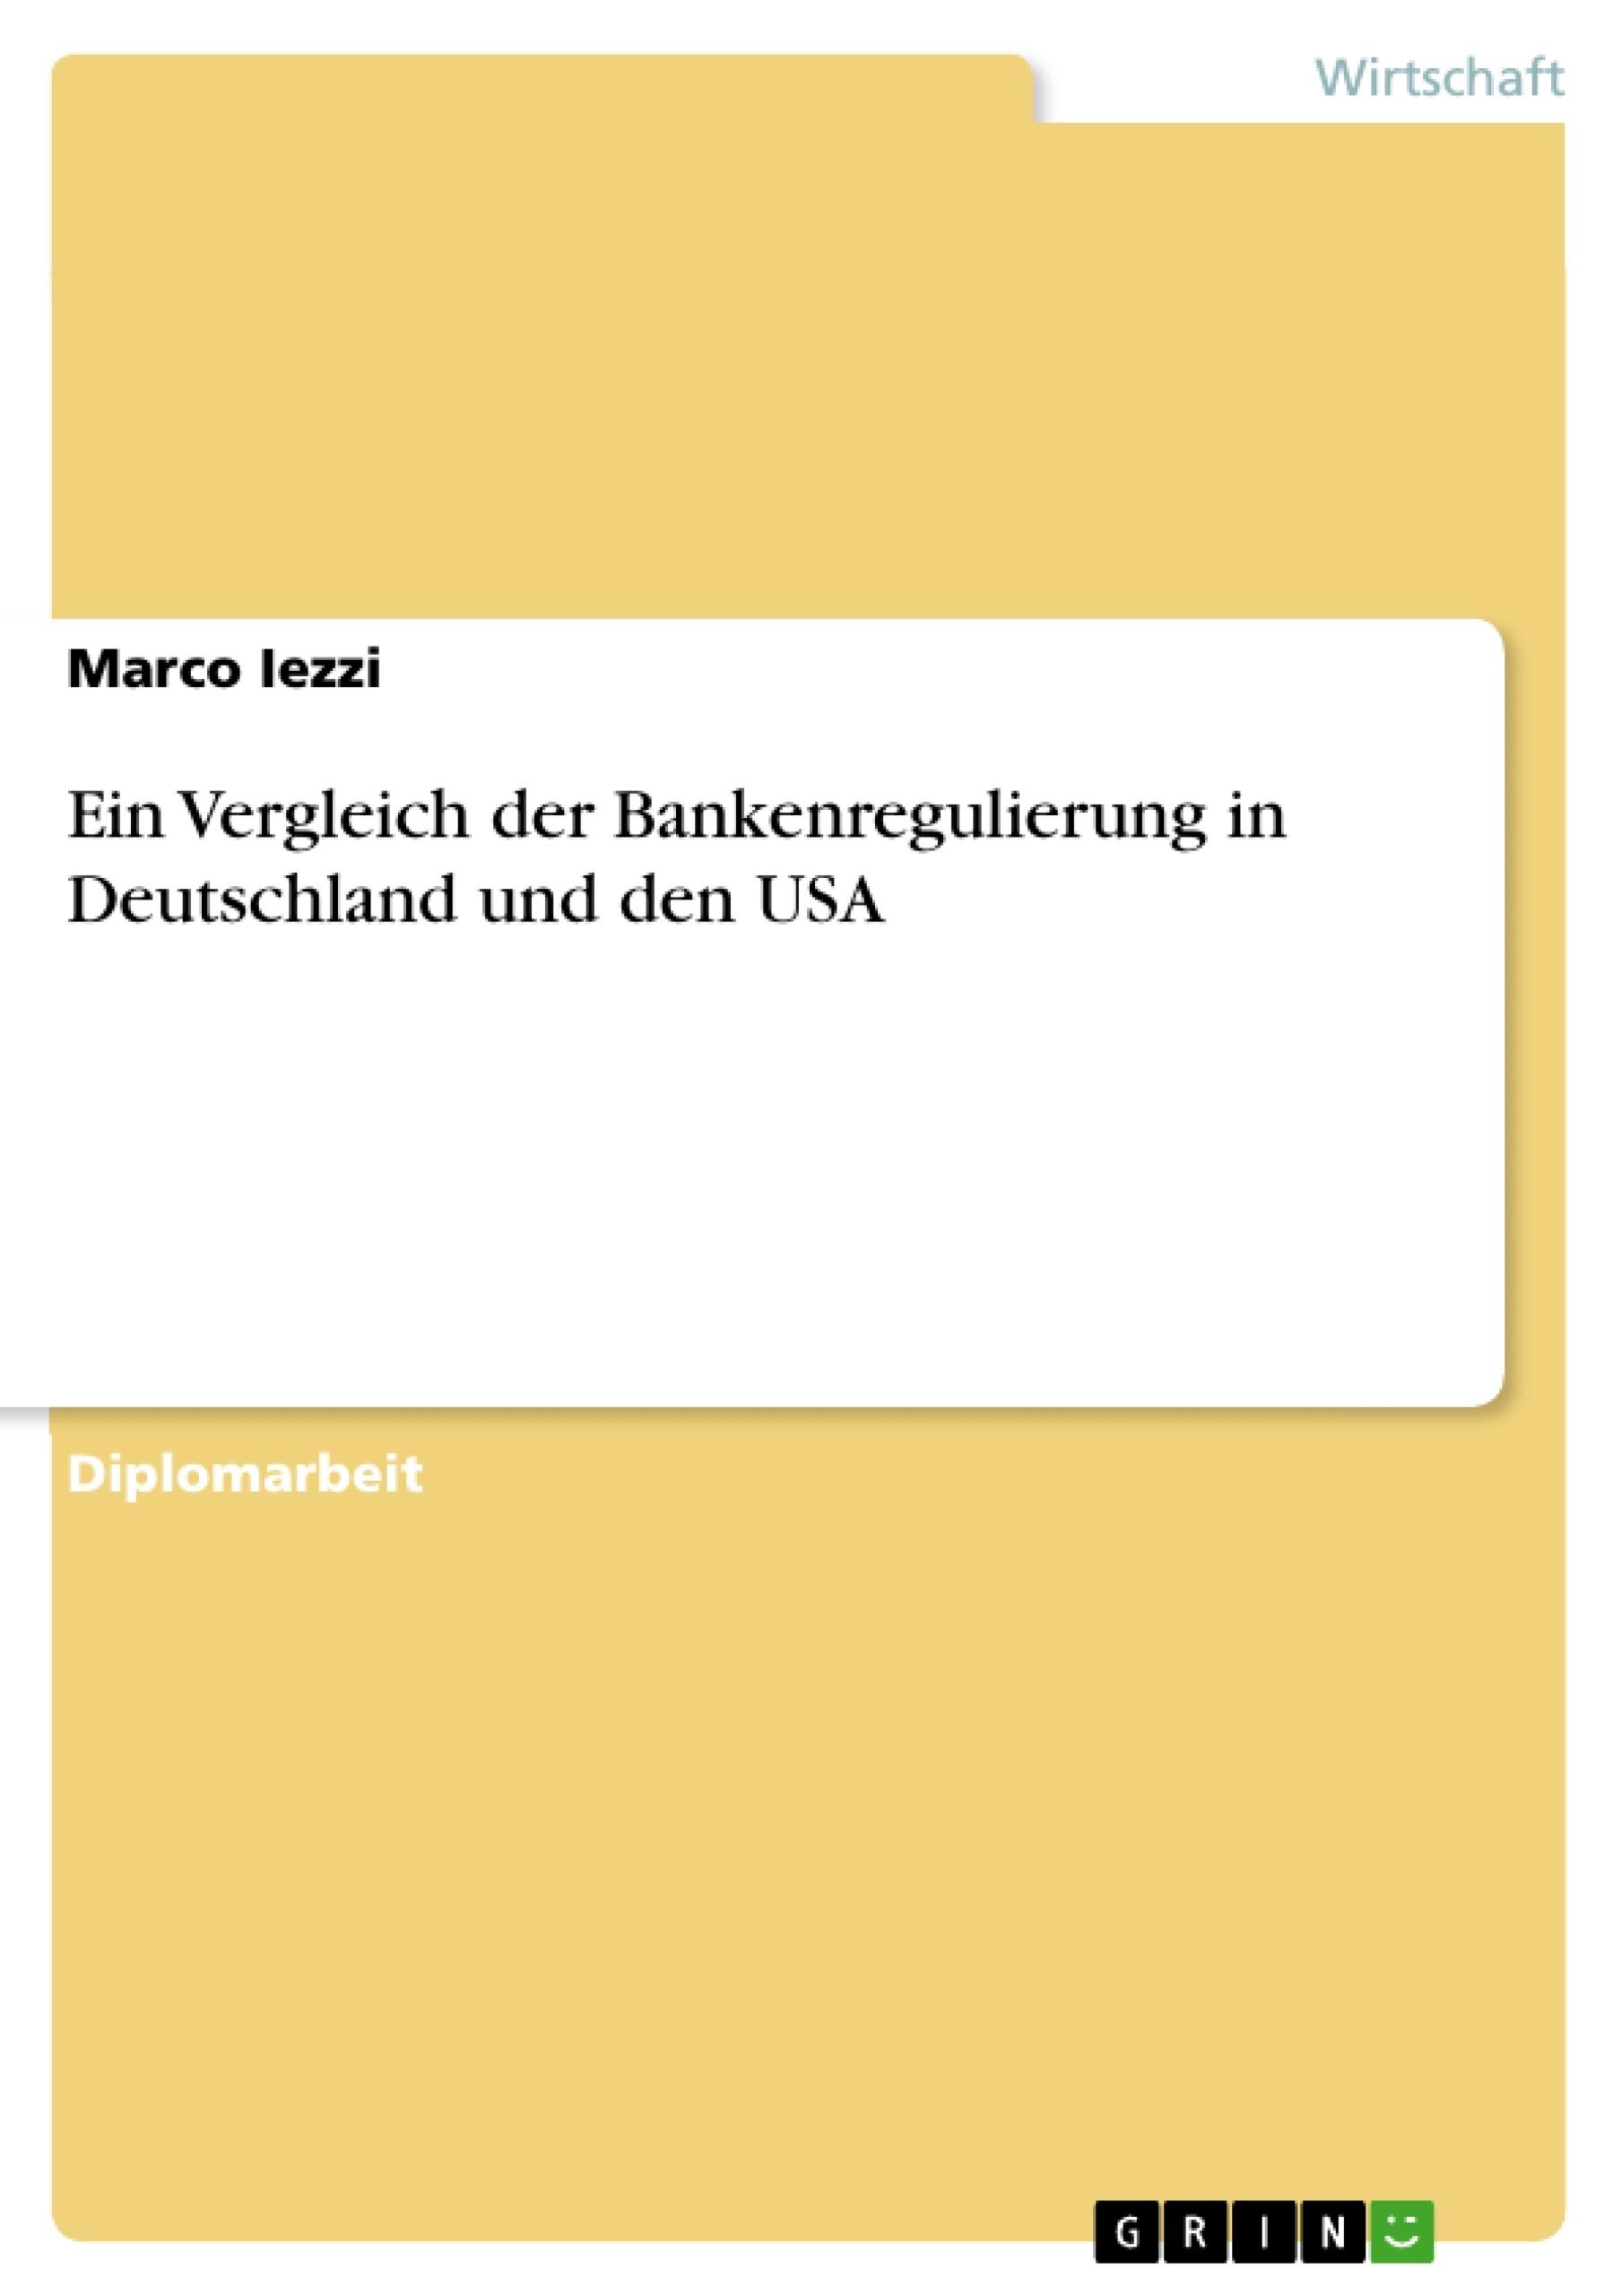 Titel: Ein Vergleich der Bankenregulierung in Deutschland und den USA